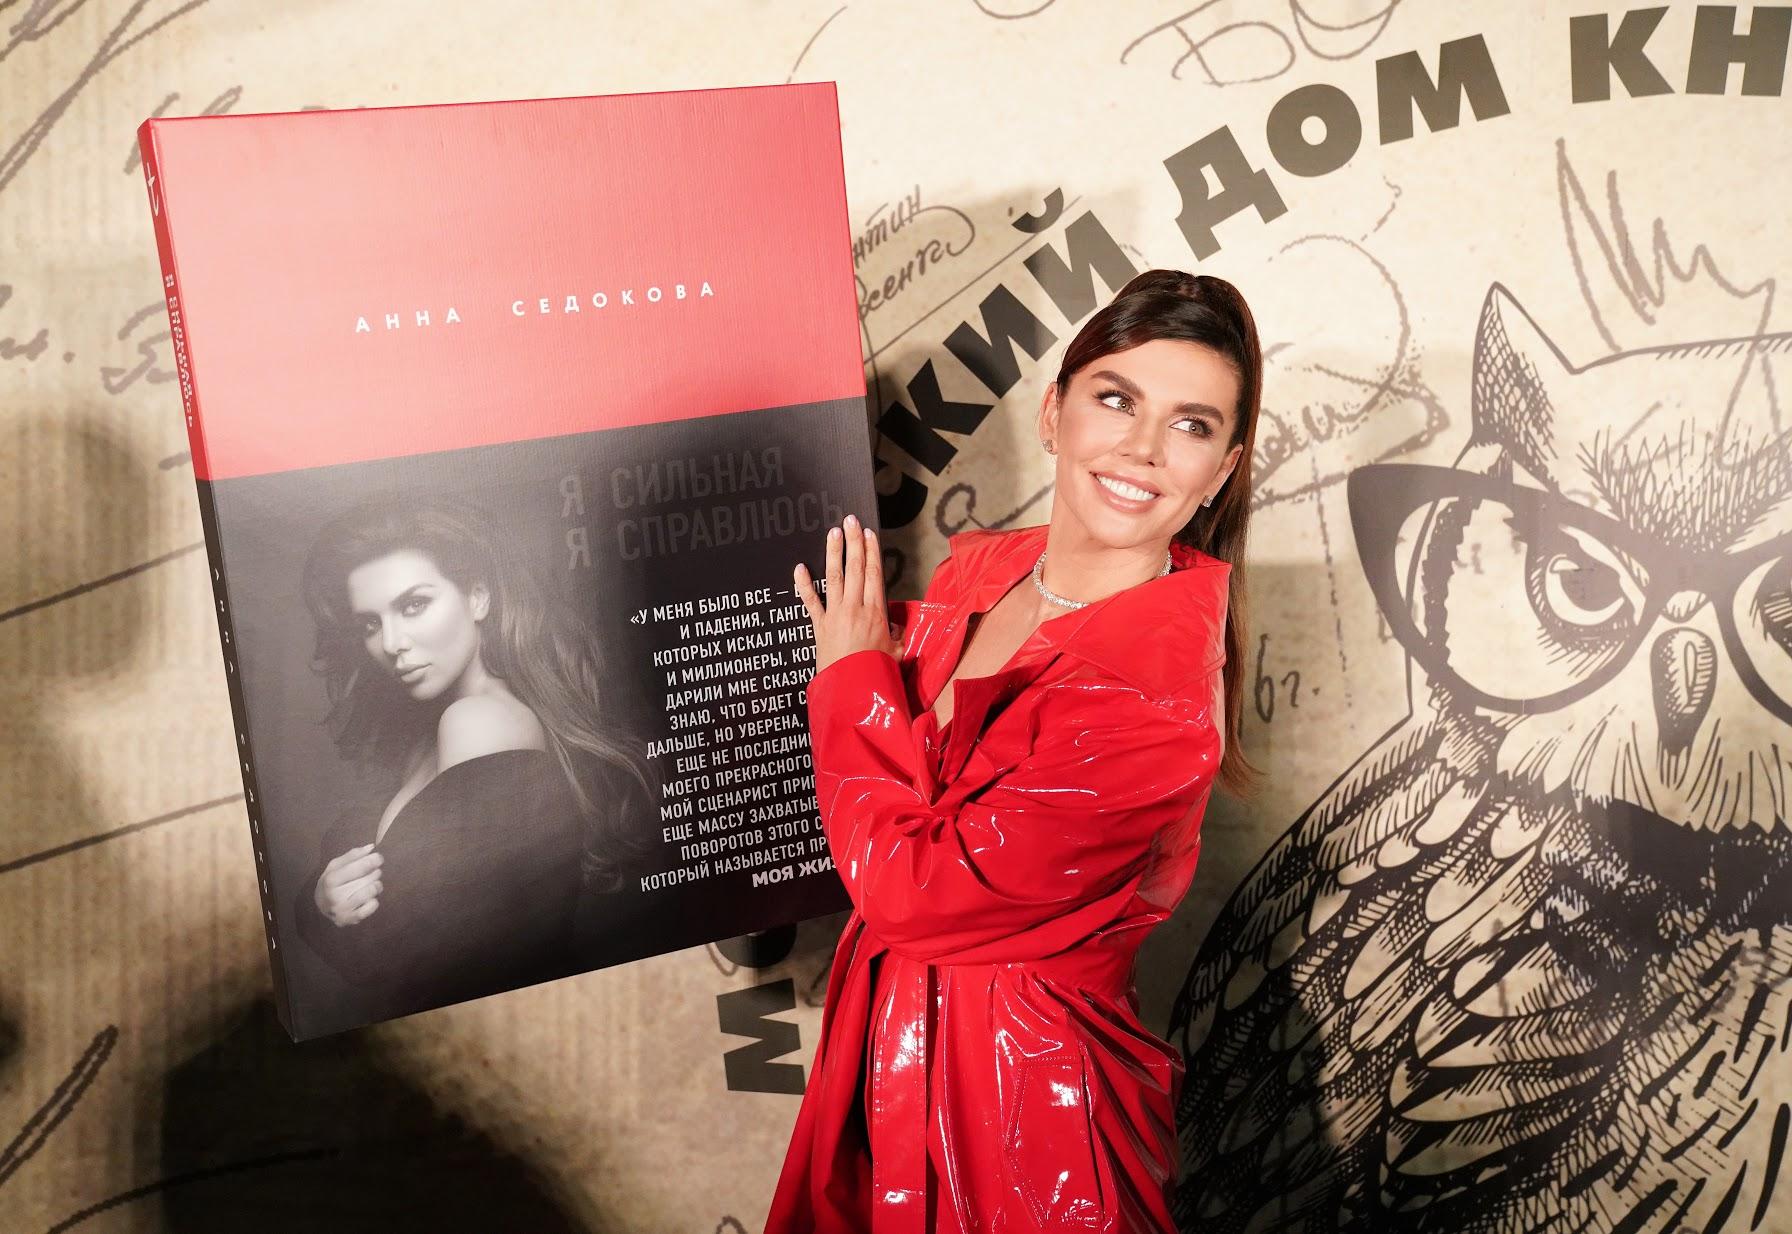 Настоящая причина ухода из группы «ВИА ГРА»: Анна Седокова представила книгу «Я Сильная. Я справлюсь»